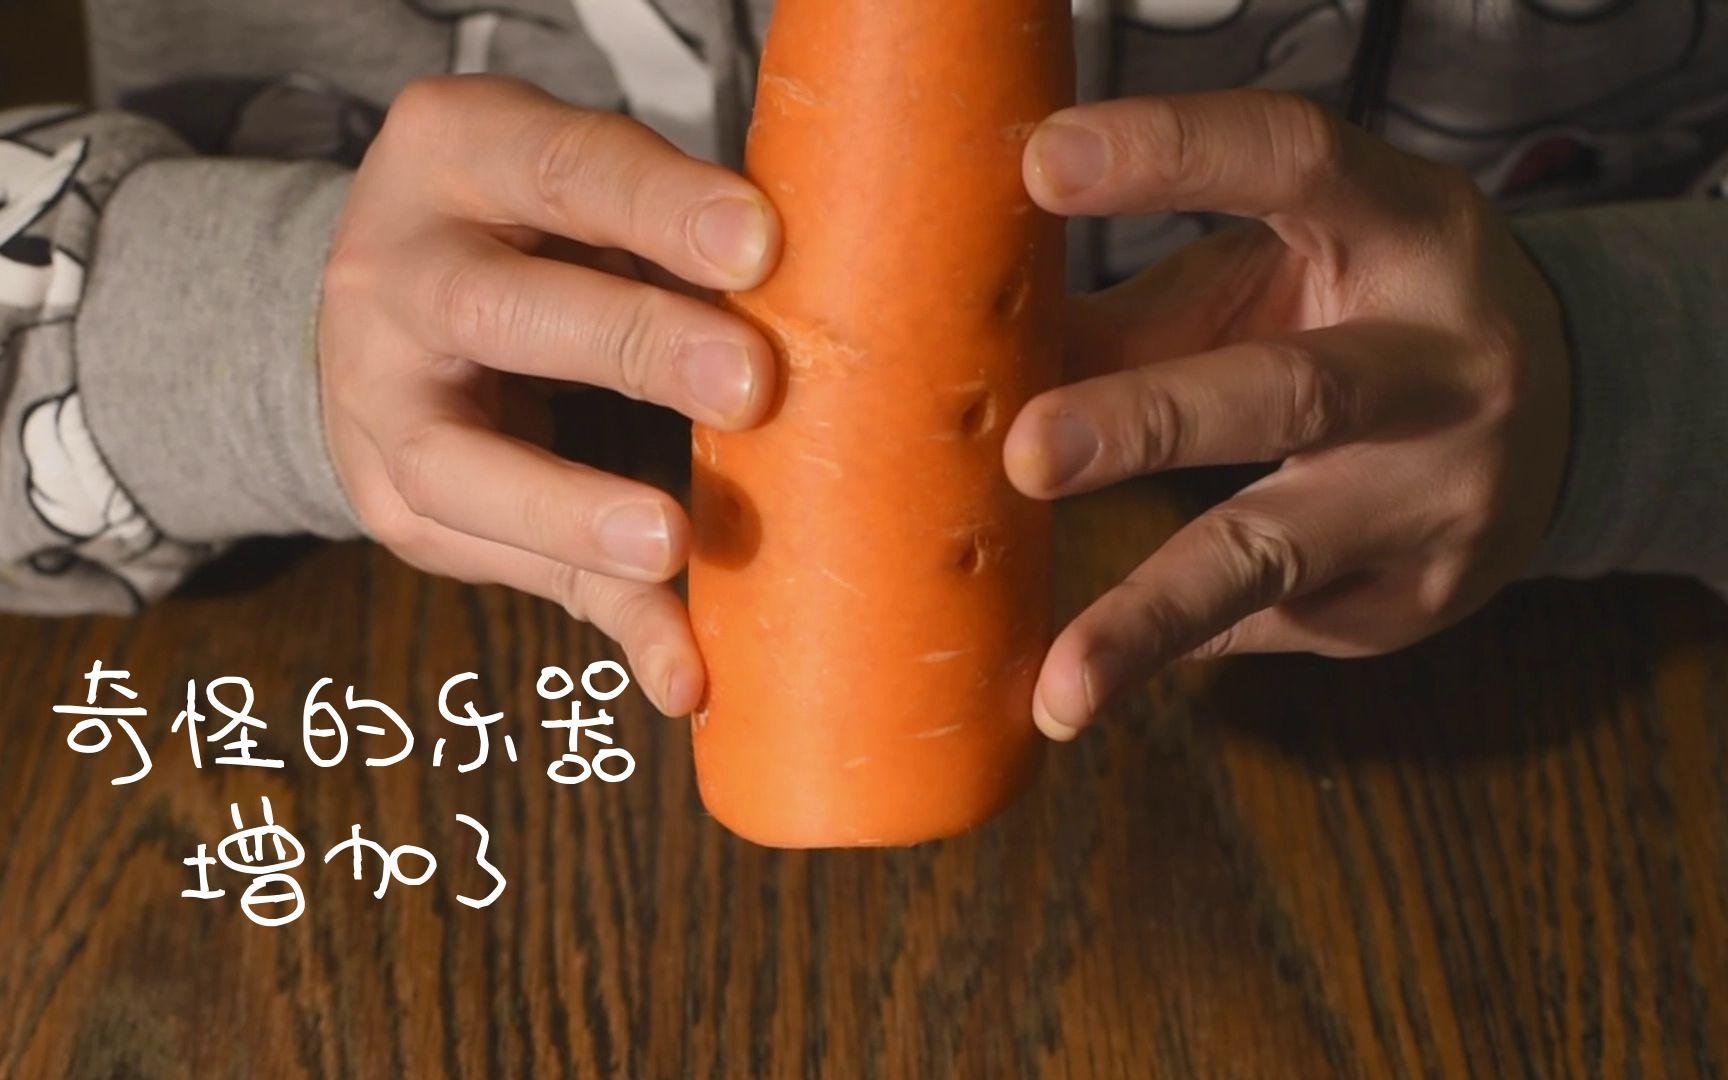 活动作品【奇怪的乐器】3分钟教你把胡萝卜变成乐器